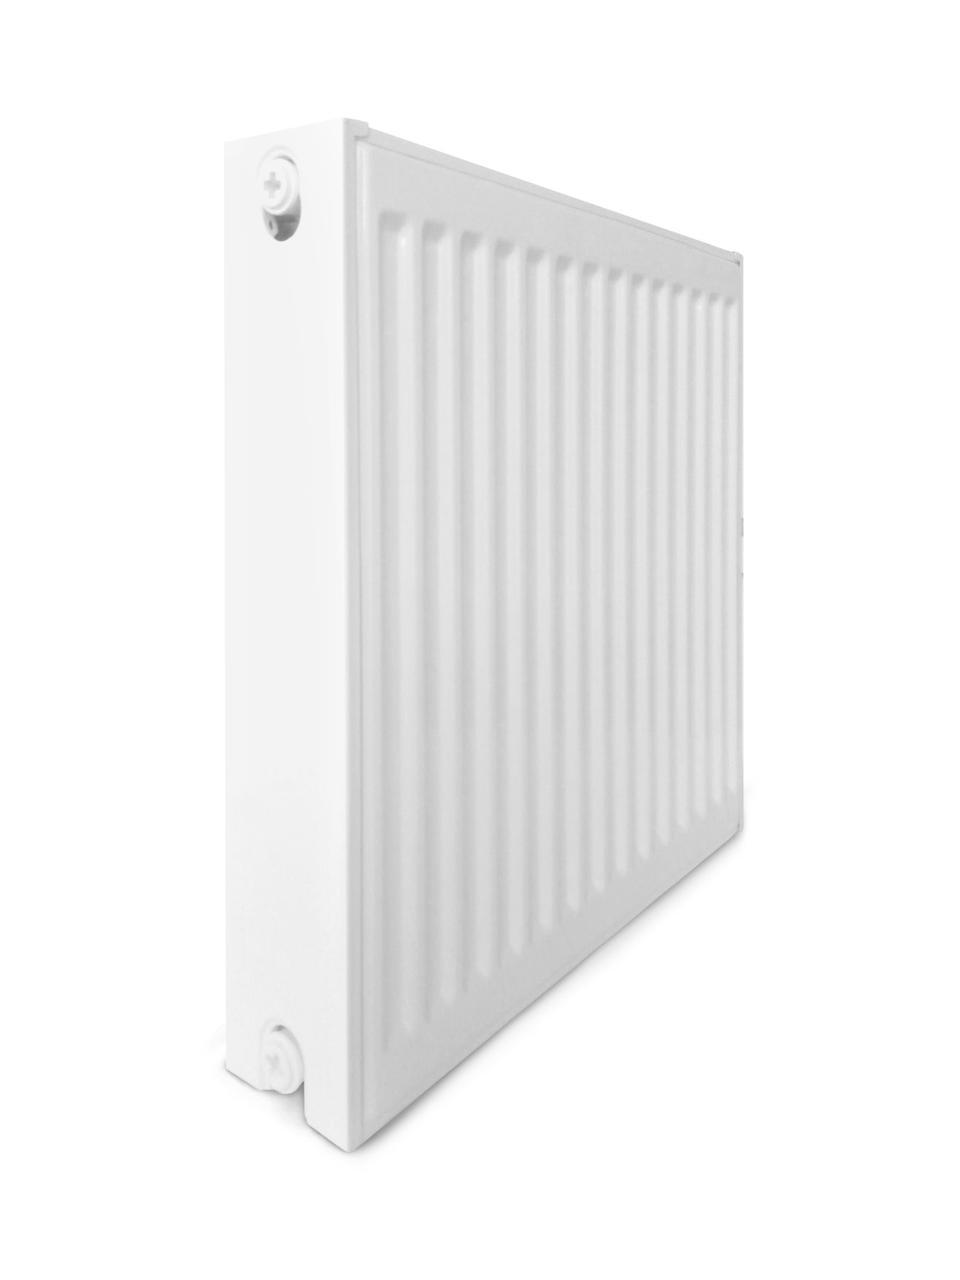 Радиатор стальной панельный Optimum нижний 500 на 1000 мм тип 22 ( 2040 Вт)